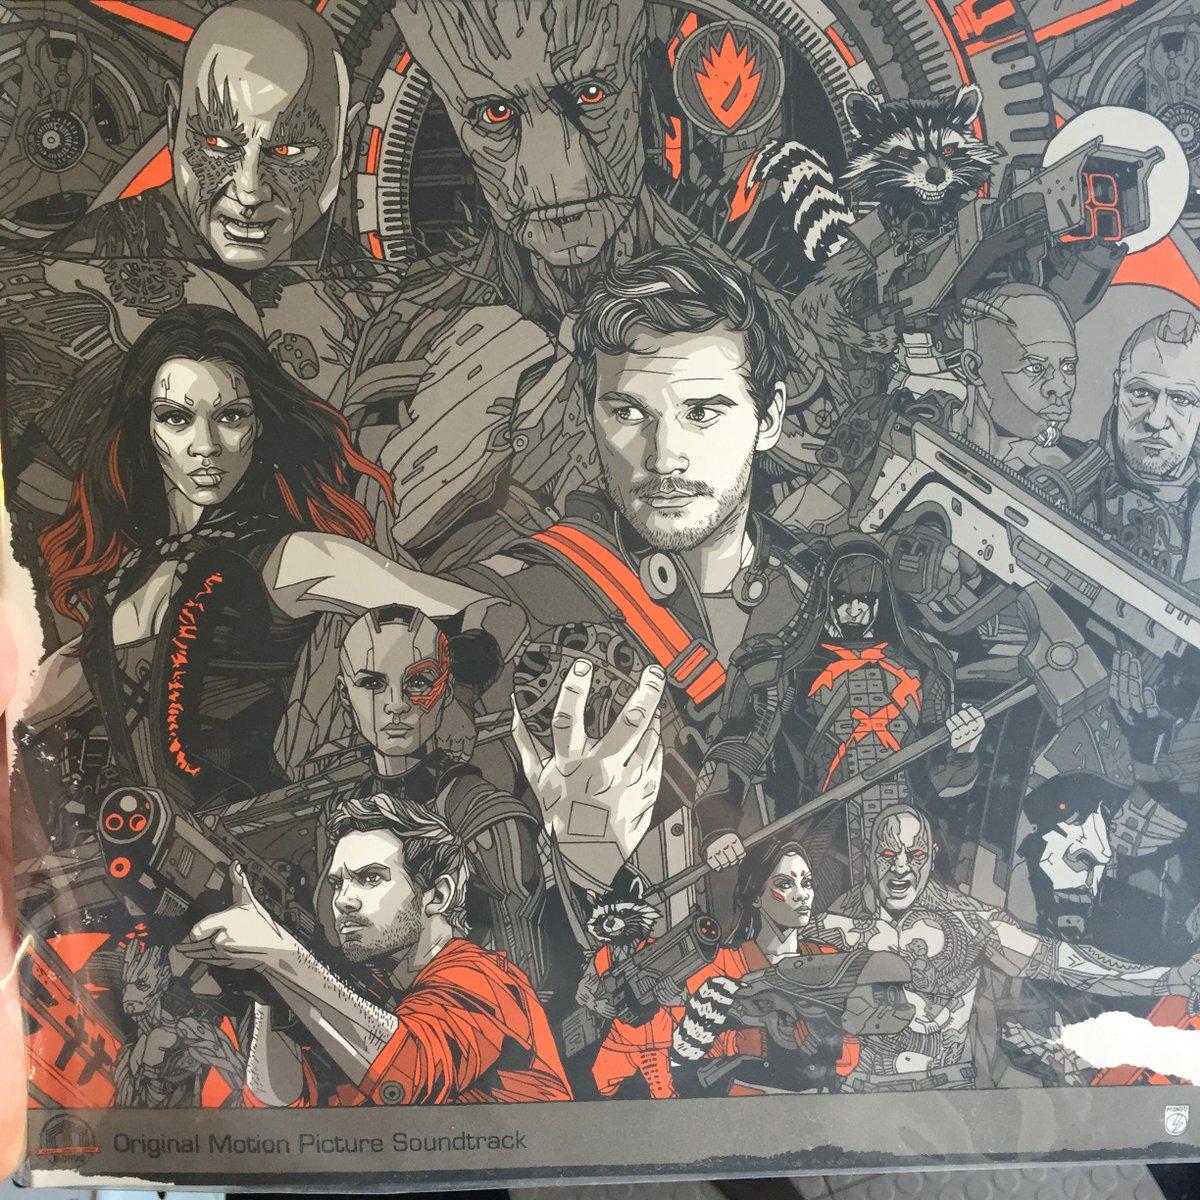 Retro as heck. Guardians soundtrack on vinyl. http://t.co/RsciF1apTW